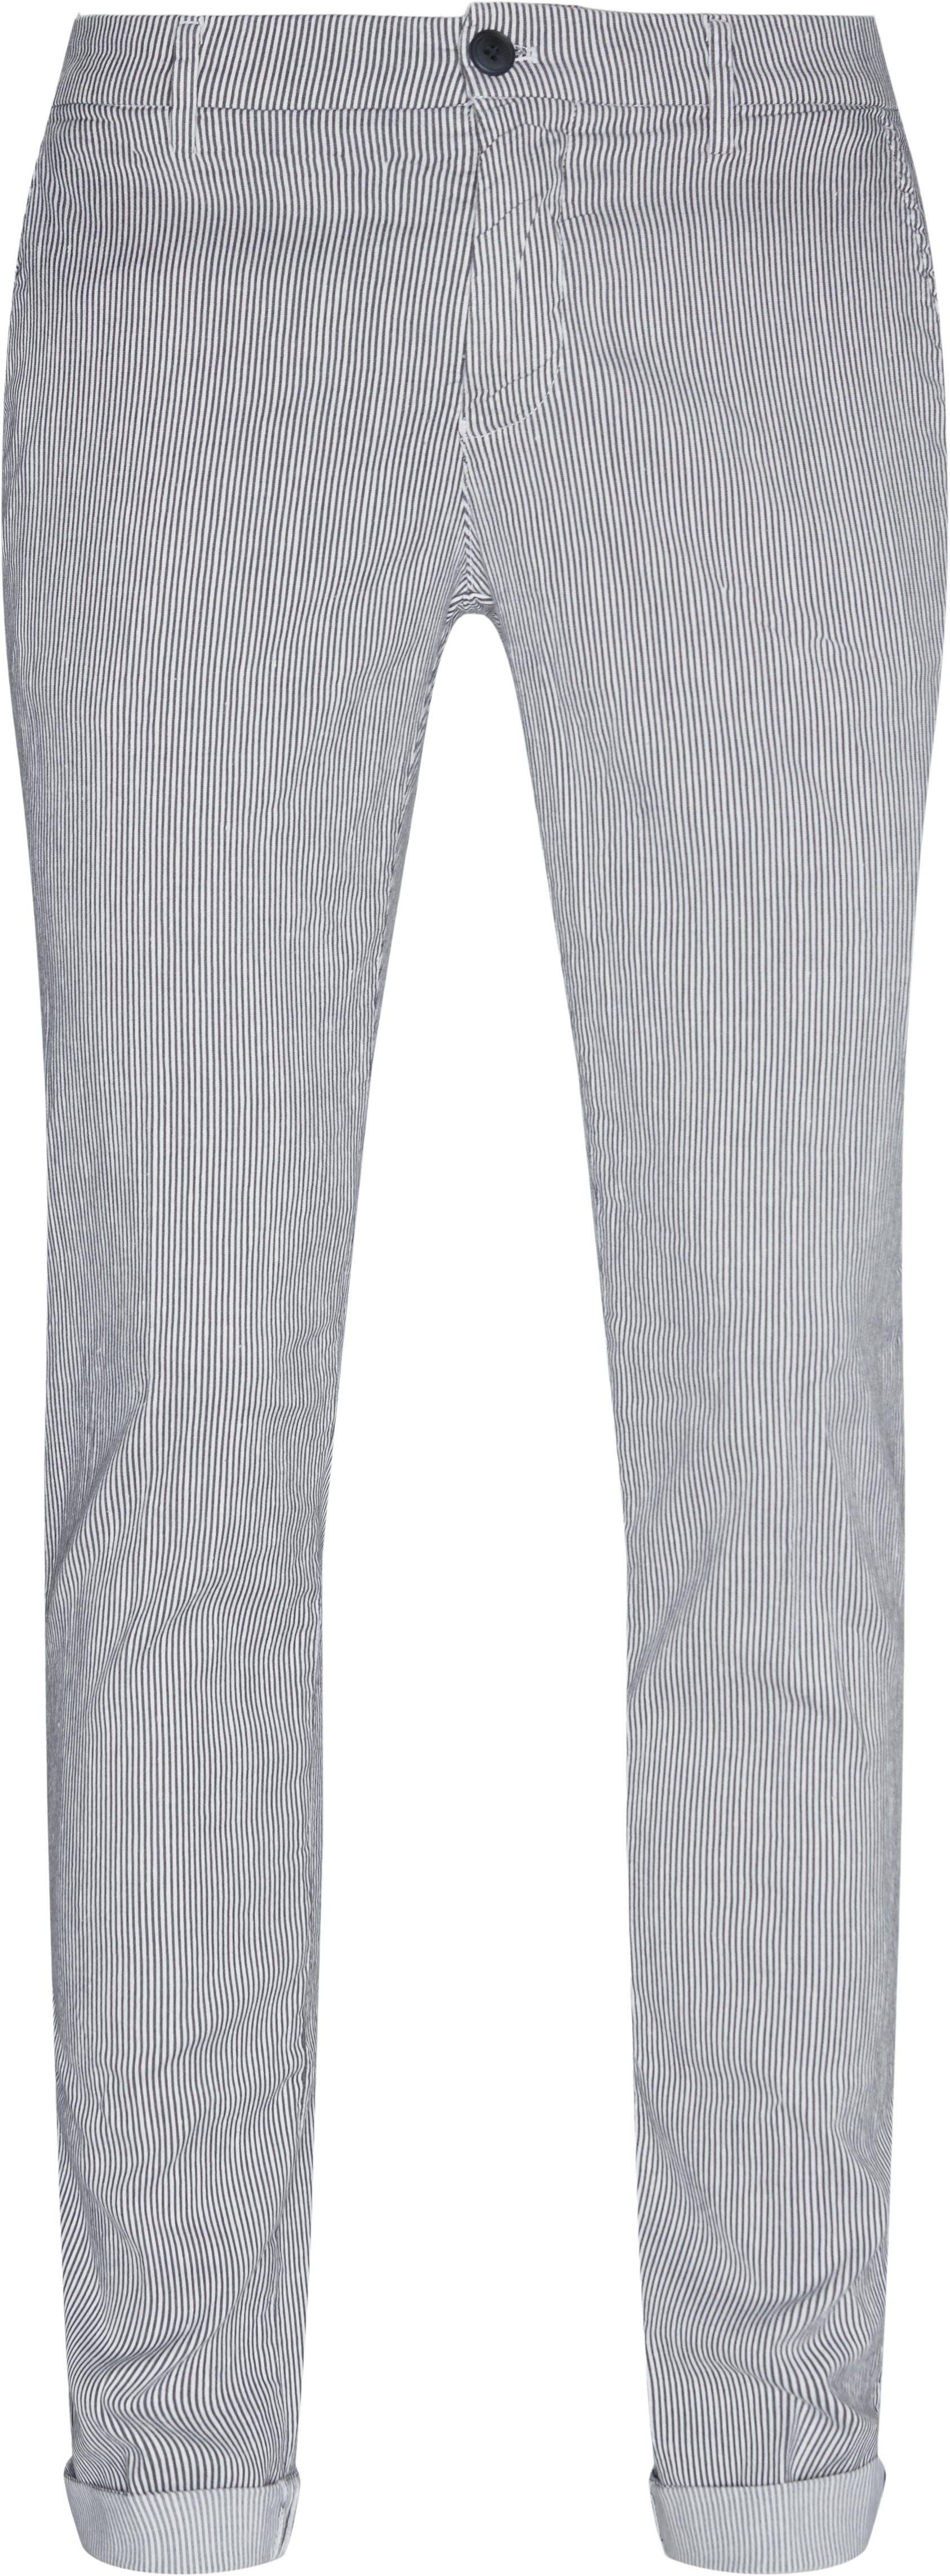 Bukser - Slim fit - Blå